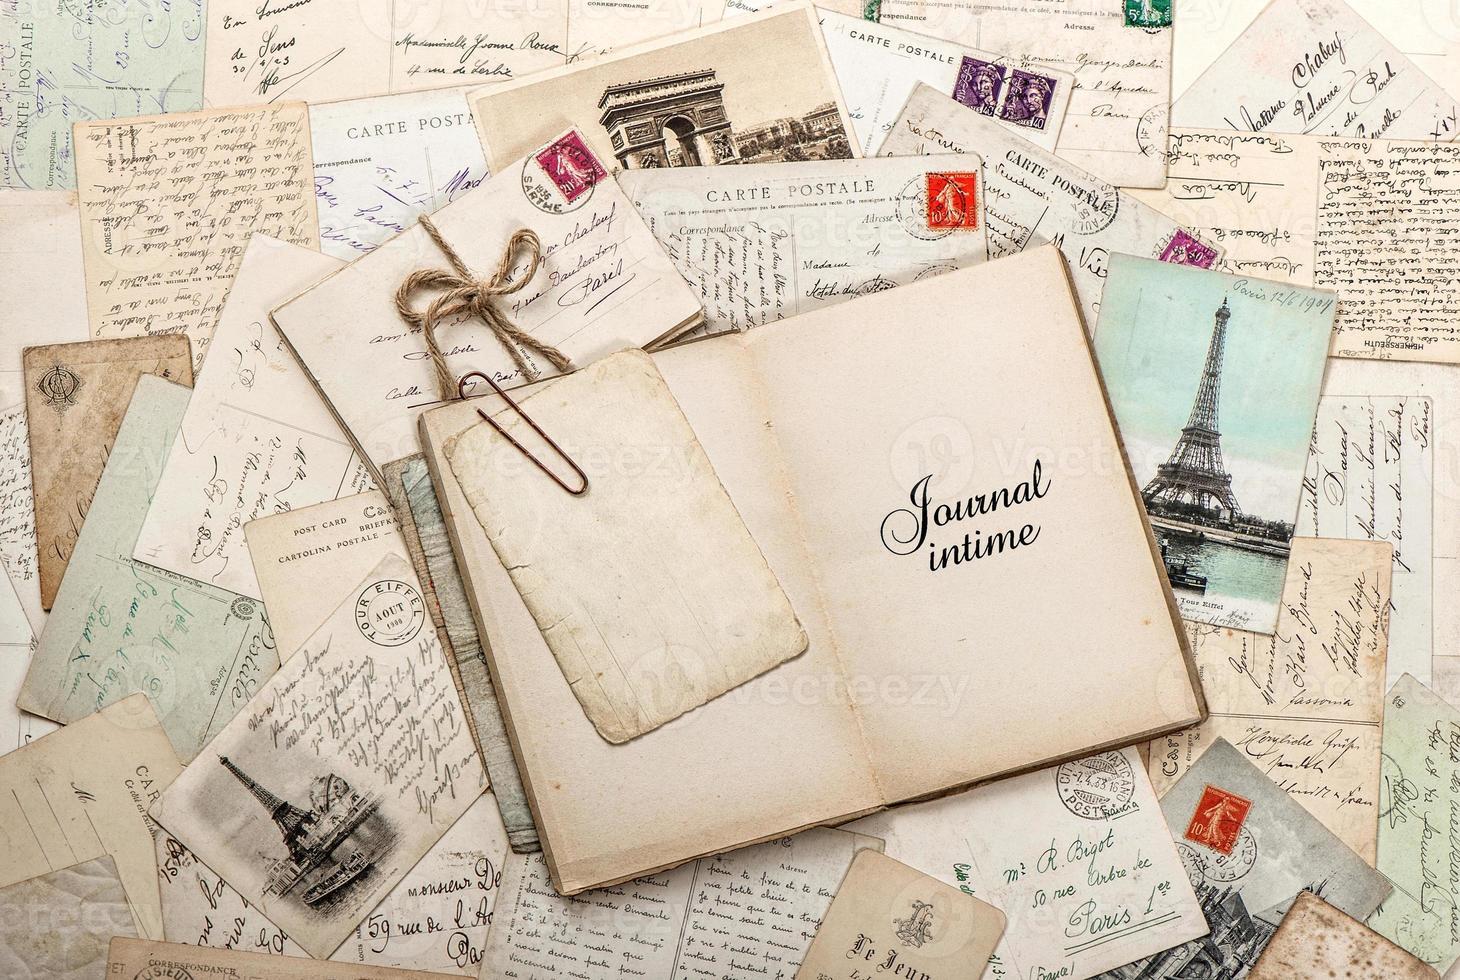 ouvrir le journal intime vide, vieilles lettres, cartes postales françaises photo